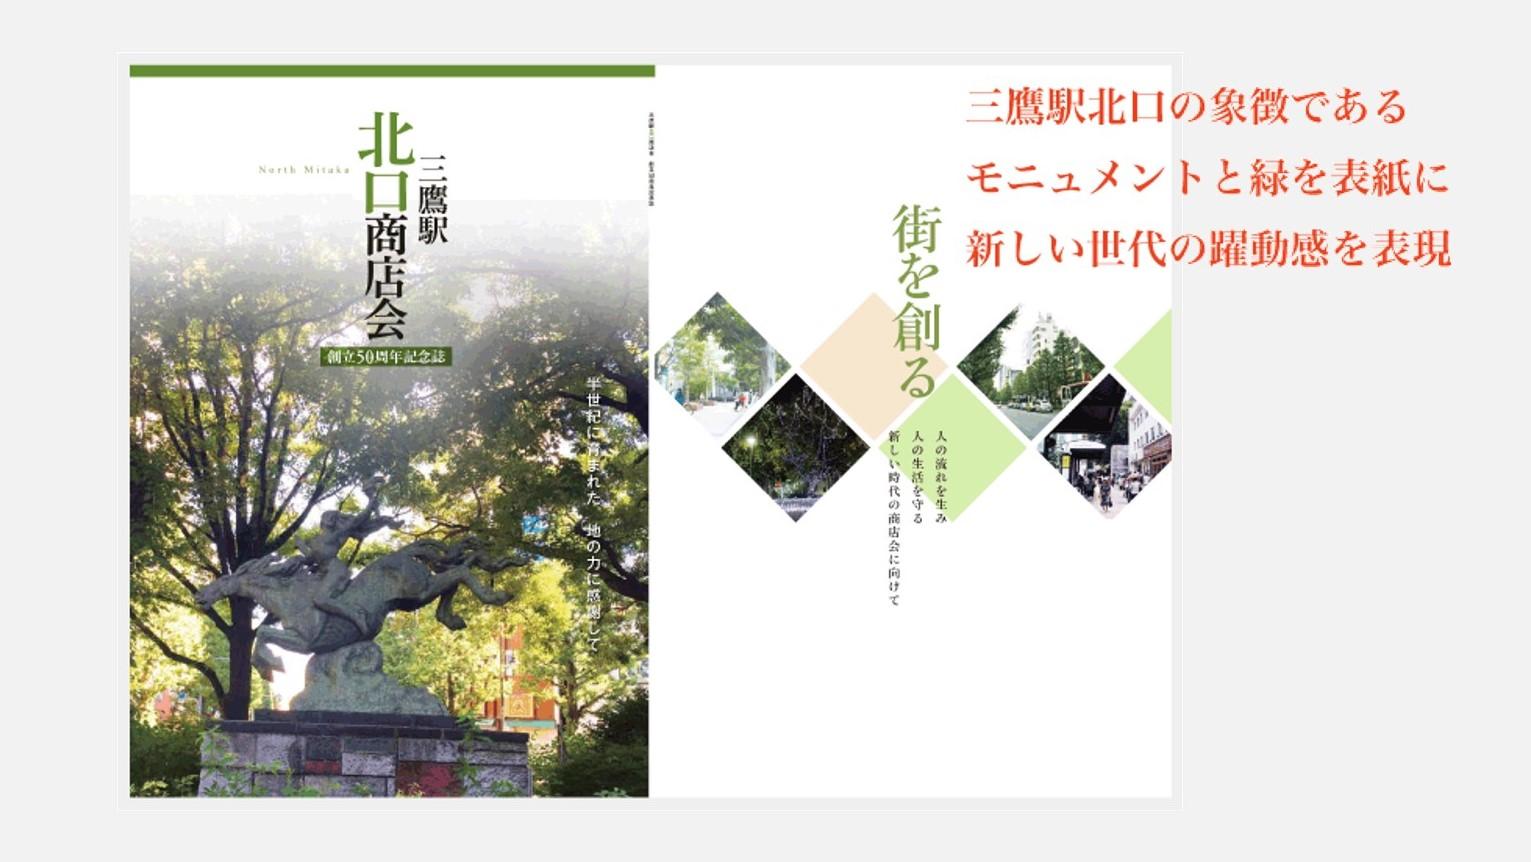 [制作事例]三鷹駅北口商店会様 『創立50周年記念誌』